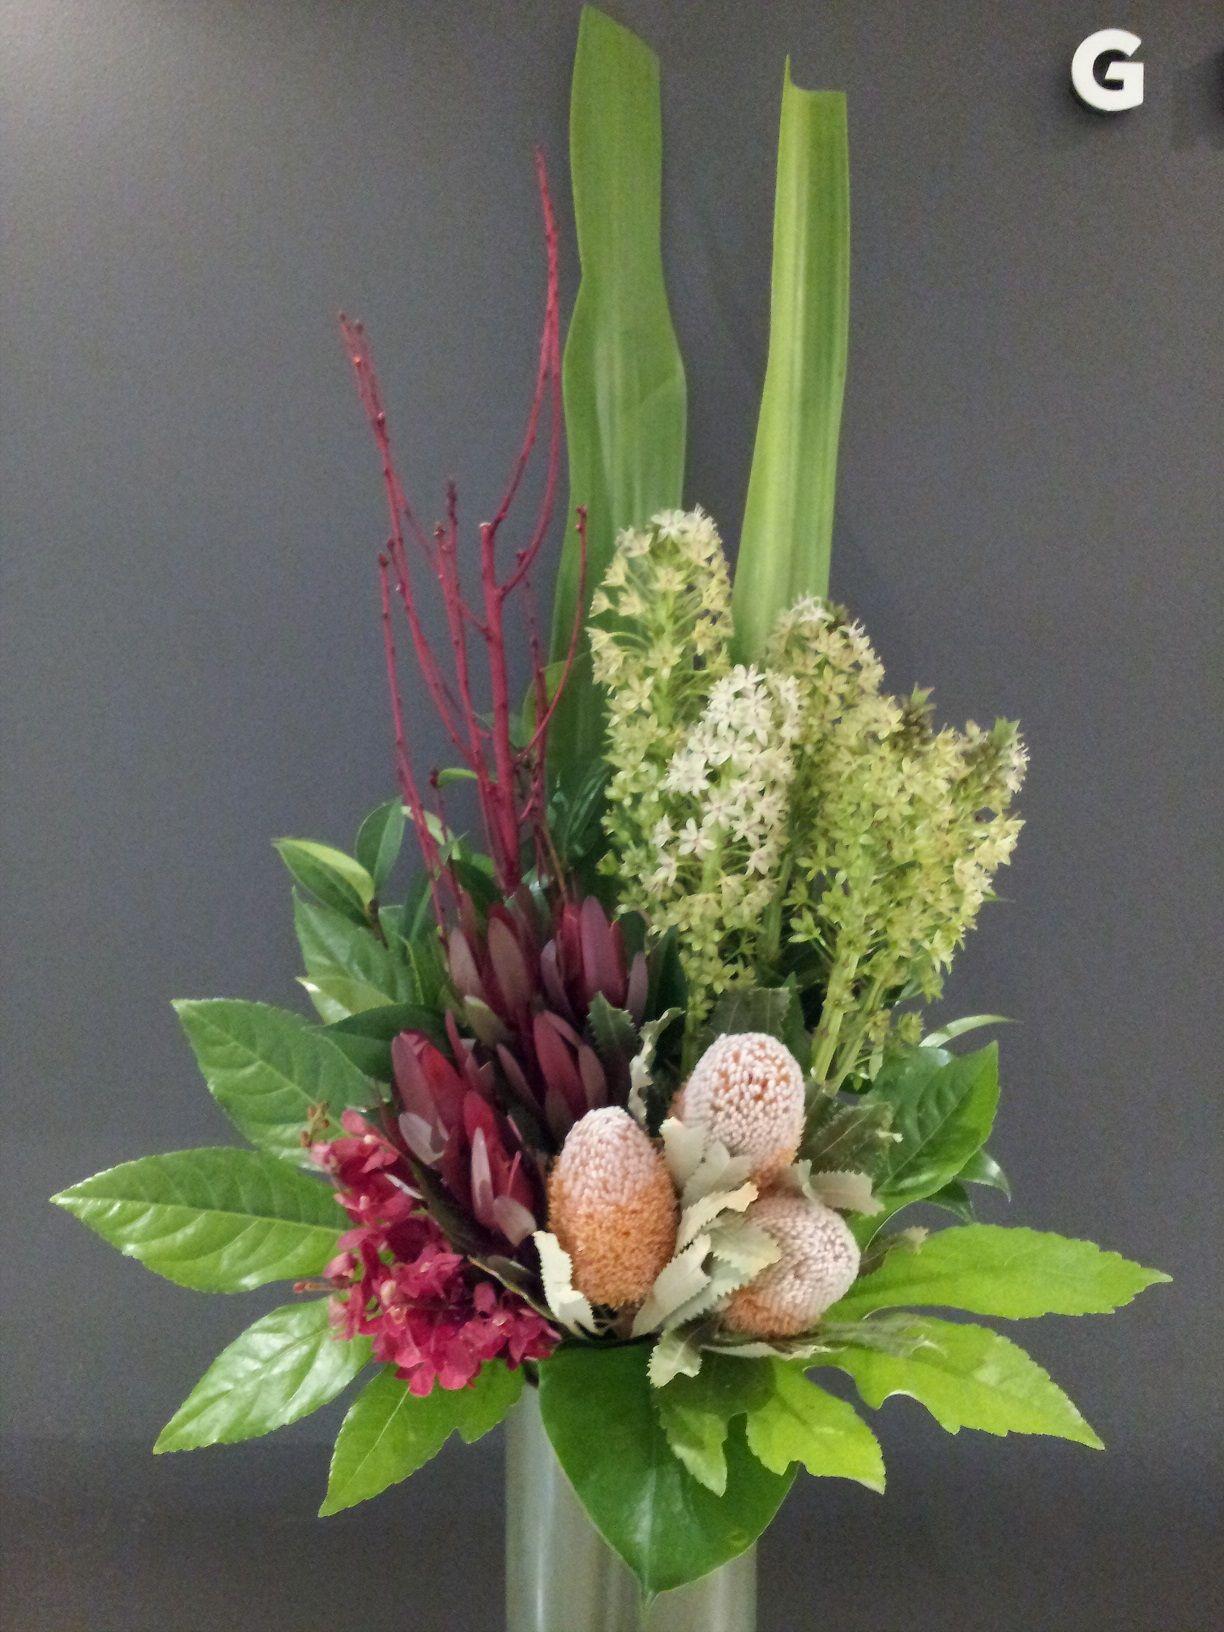 Australian Flowers, Australian Florist, Send Flowers to